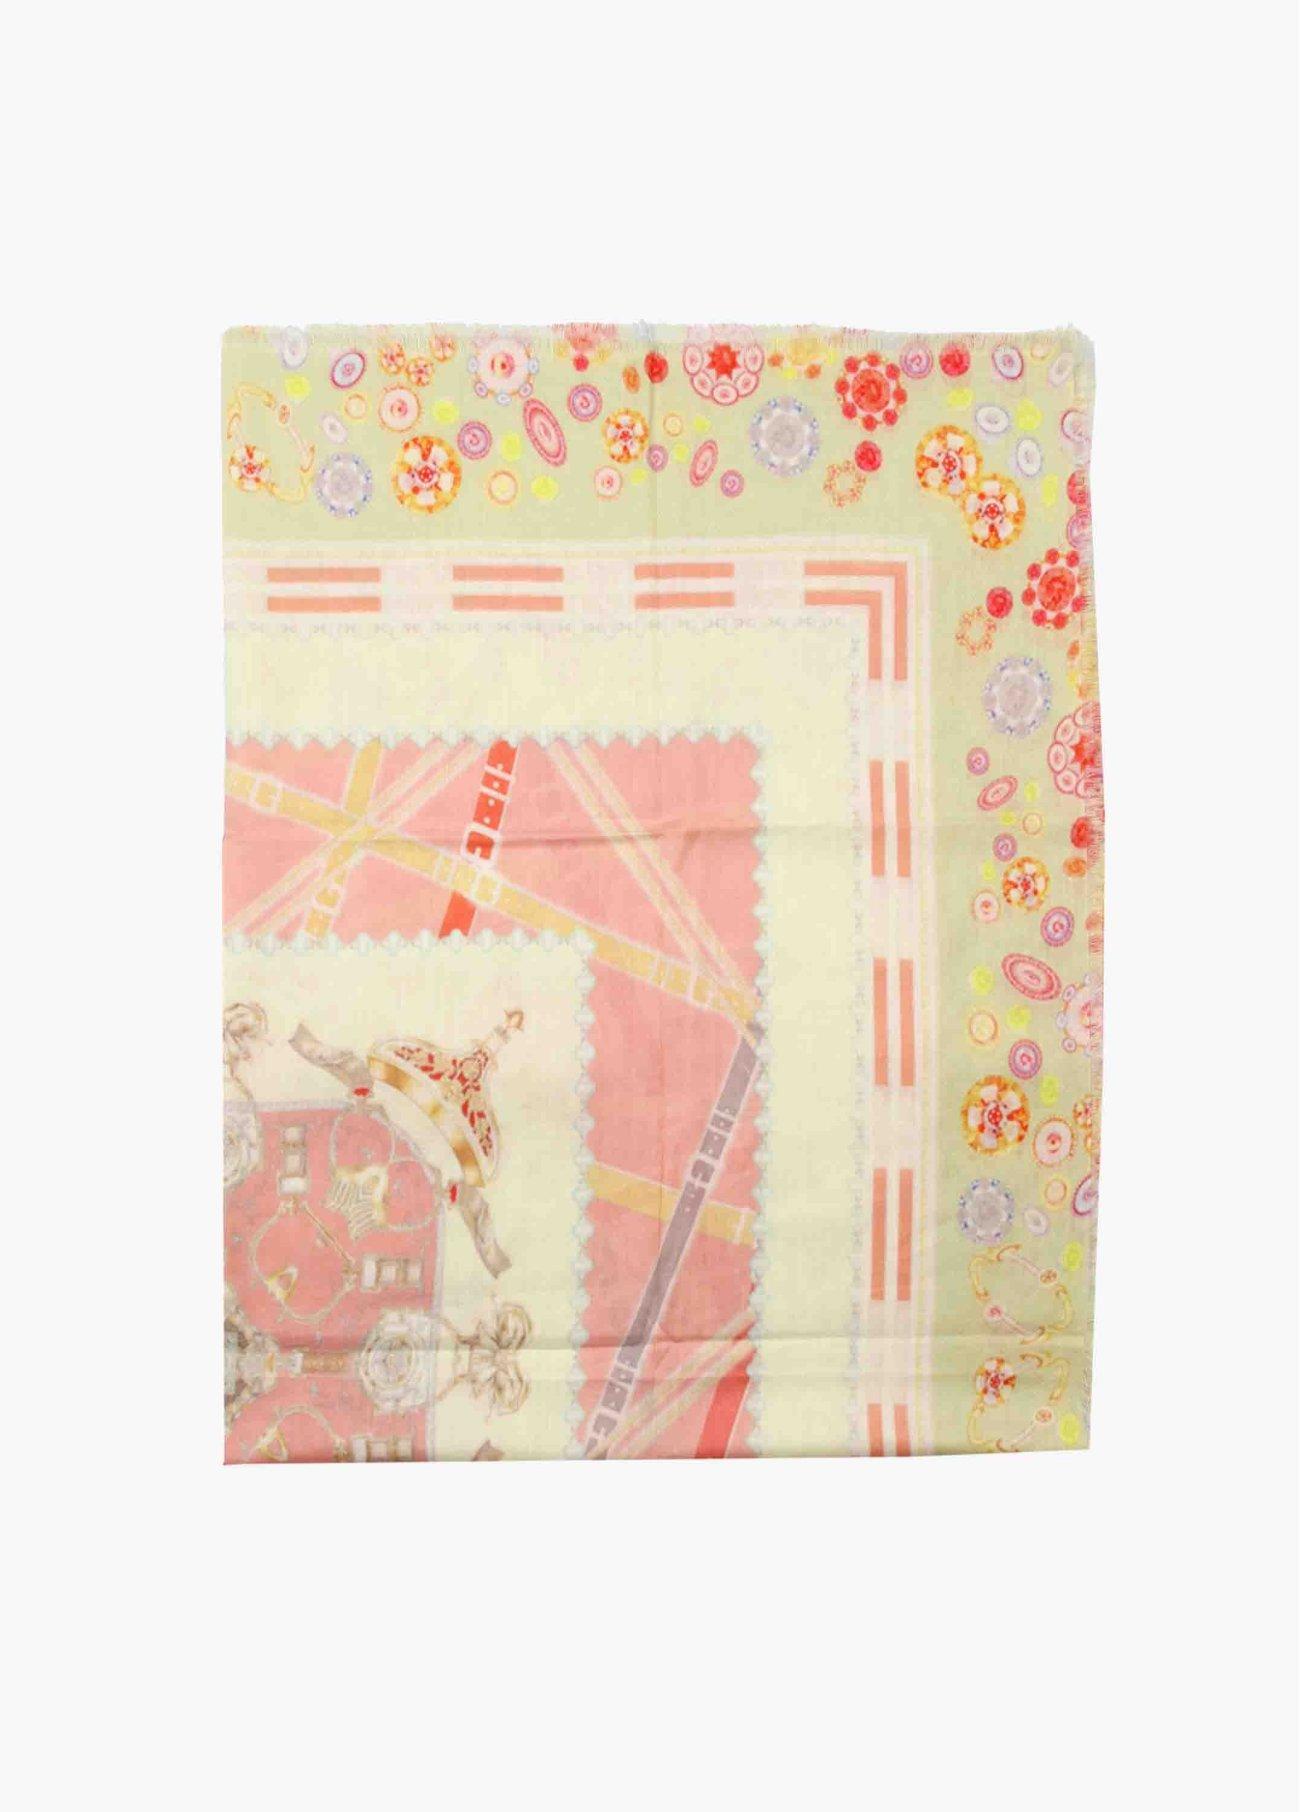 Pañuelo estampado rosas y amarillos,  2